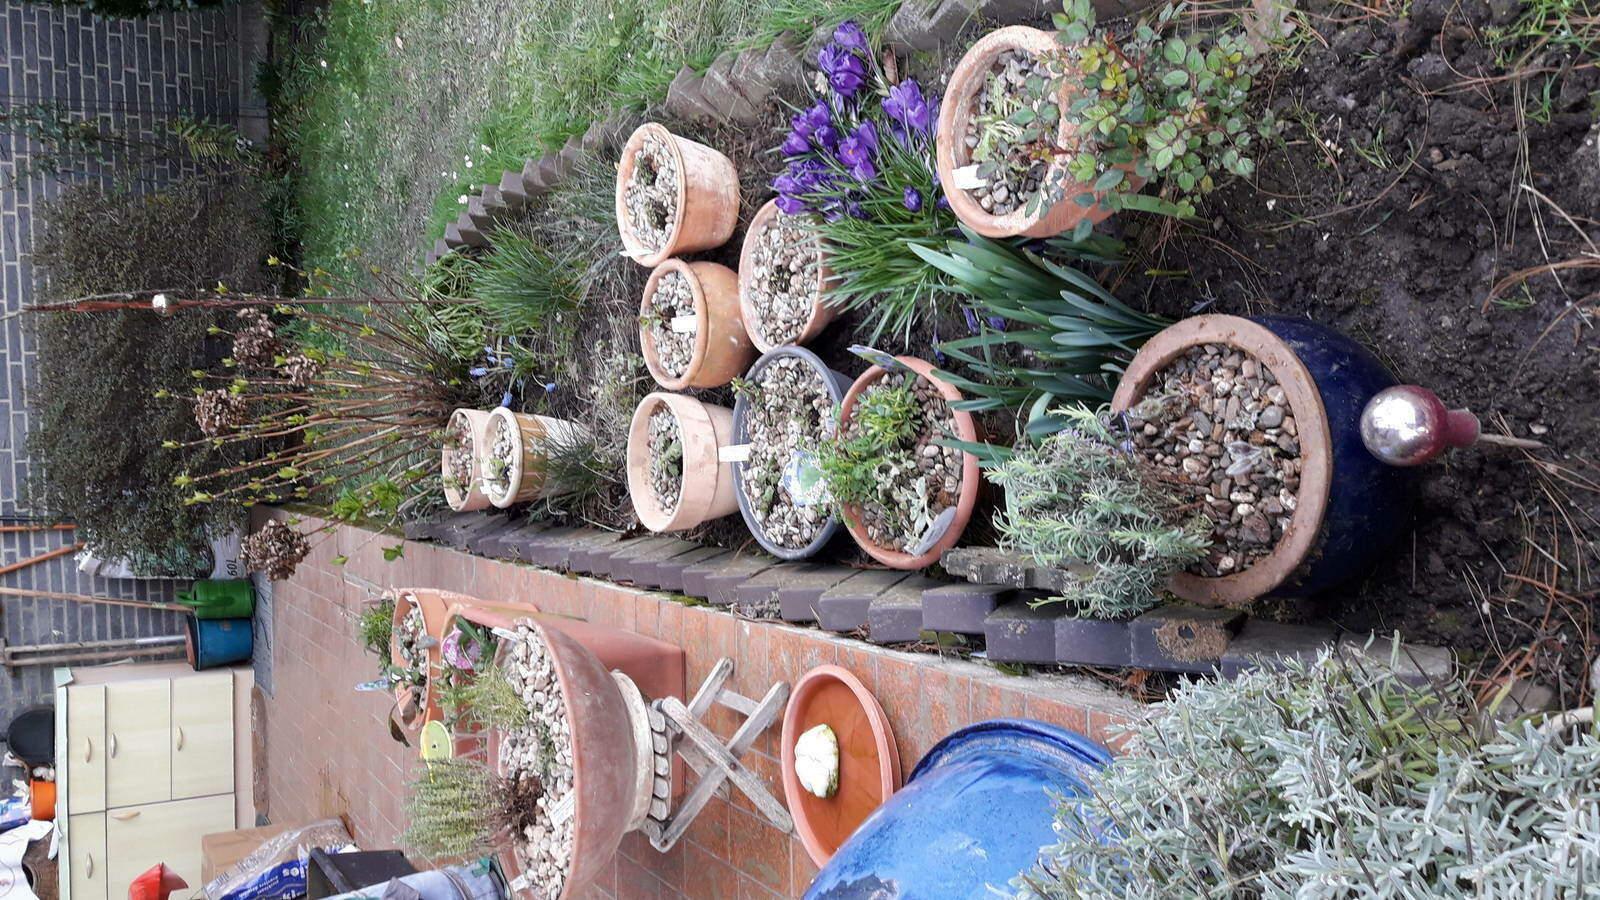 4.-Pflanzen-in-Töpfe-gepflanzt-als-Zwischenort.jpg